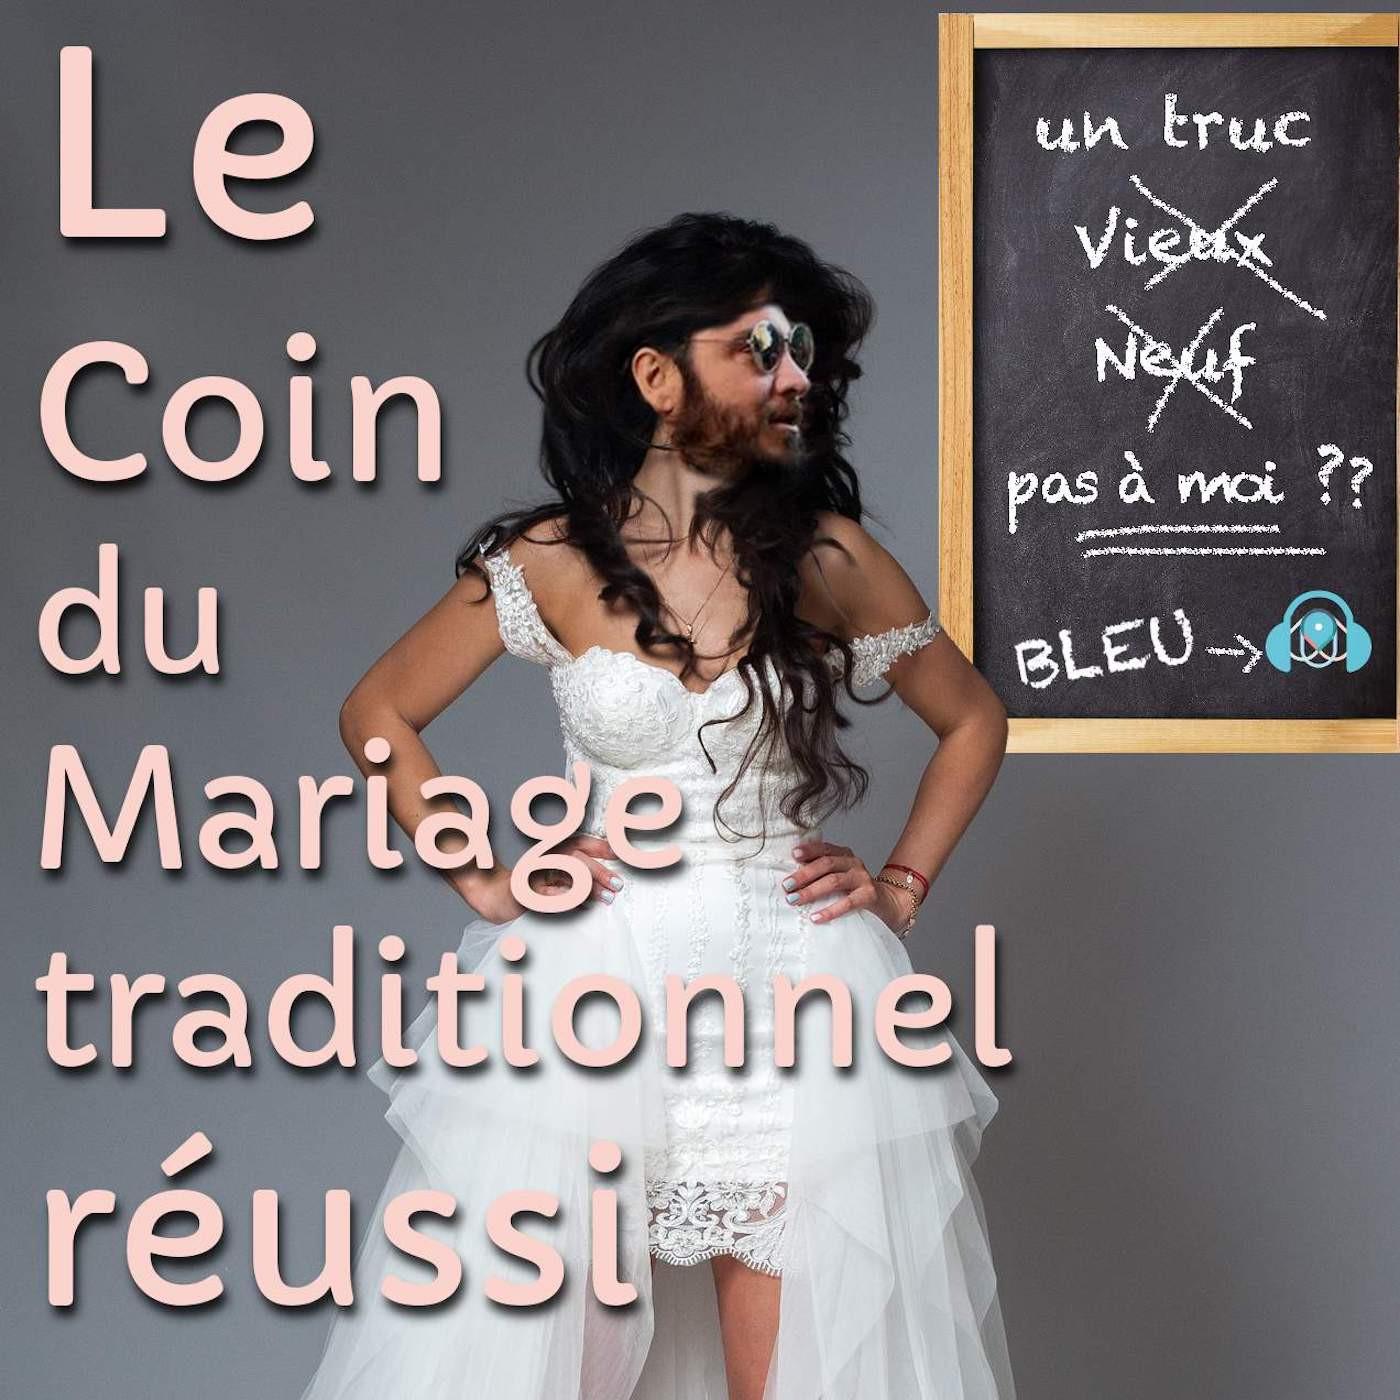 LE COIN DU MARIAGE TRADITIONNEL RÉUSSI S1E6